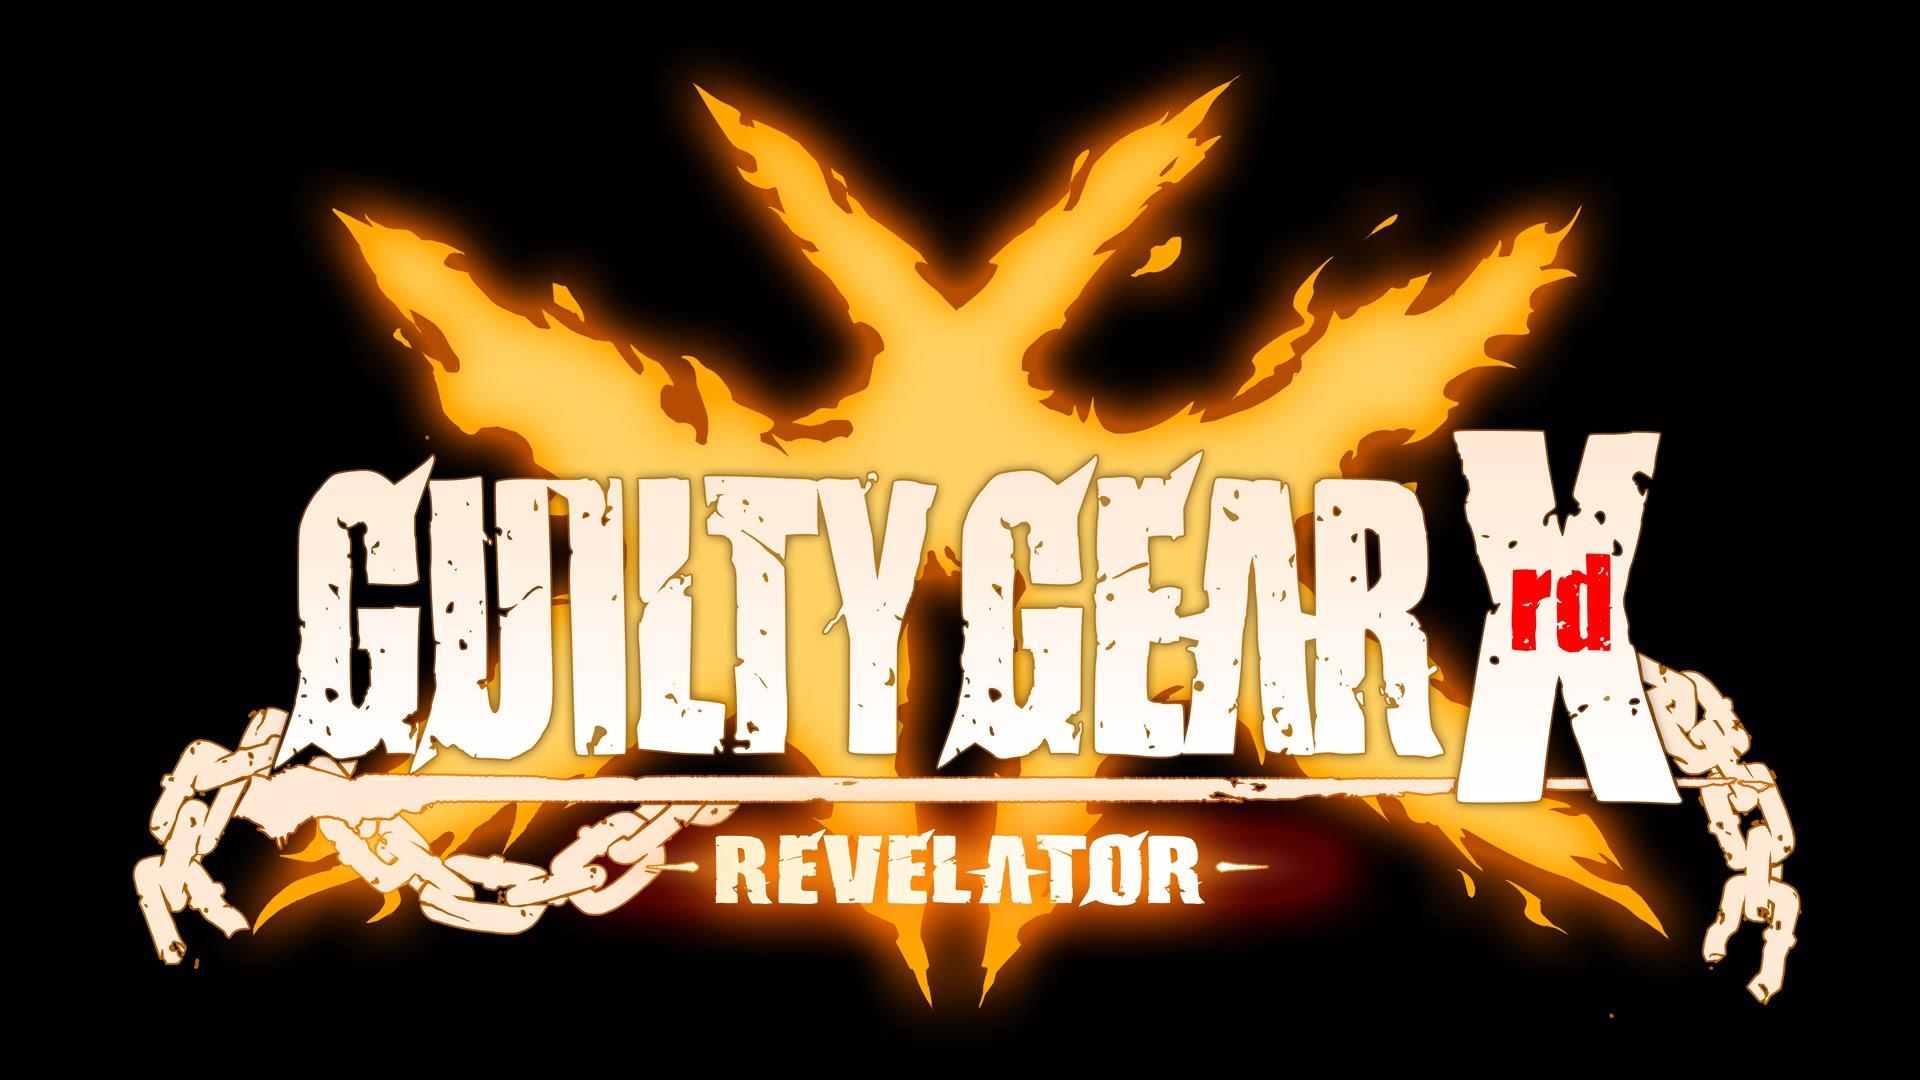 Guilty Gear Xrd Revelator ya disponible en PC